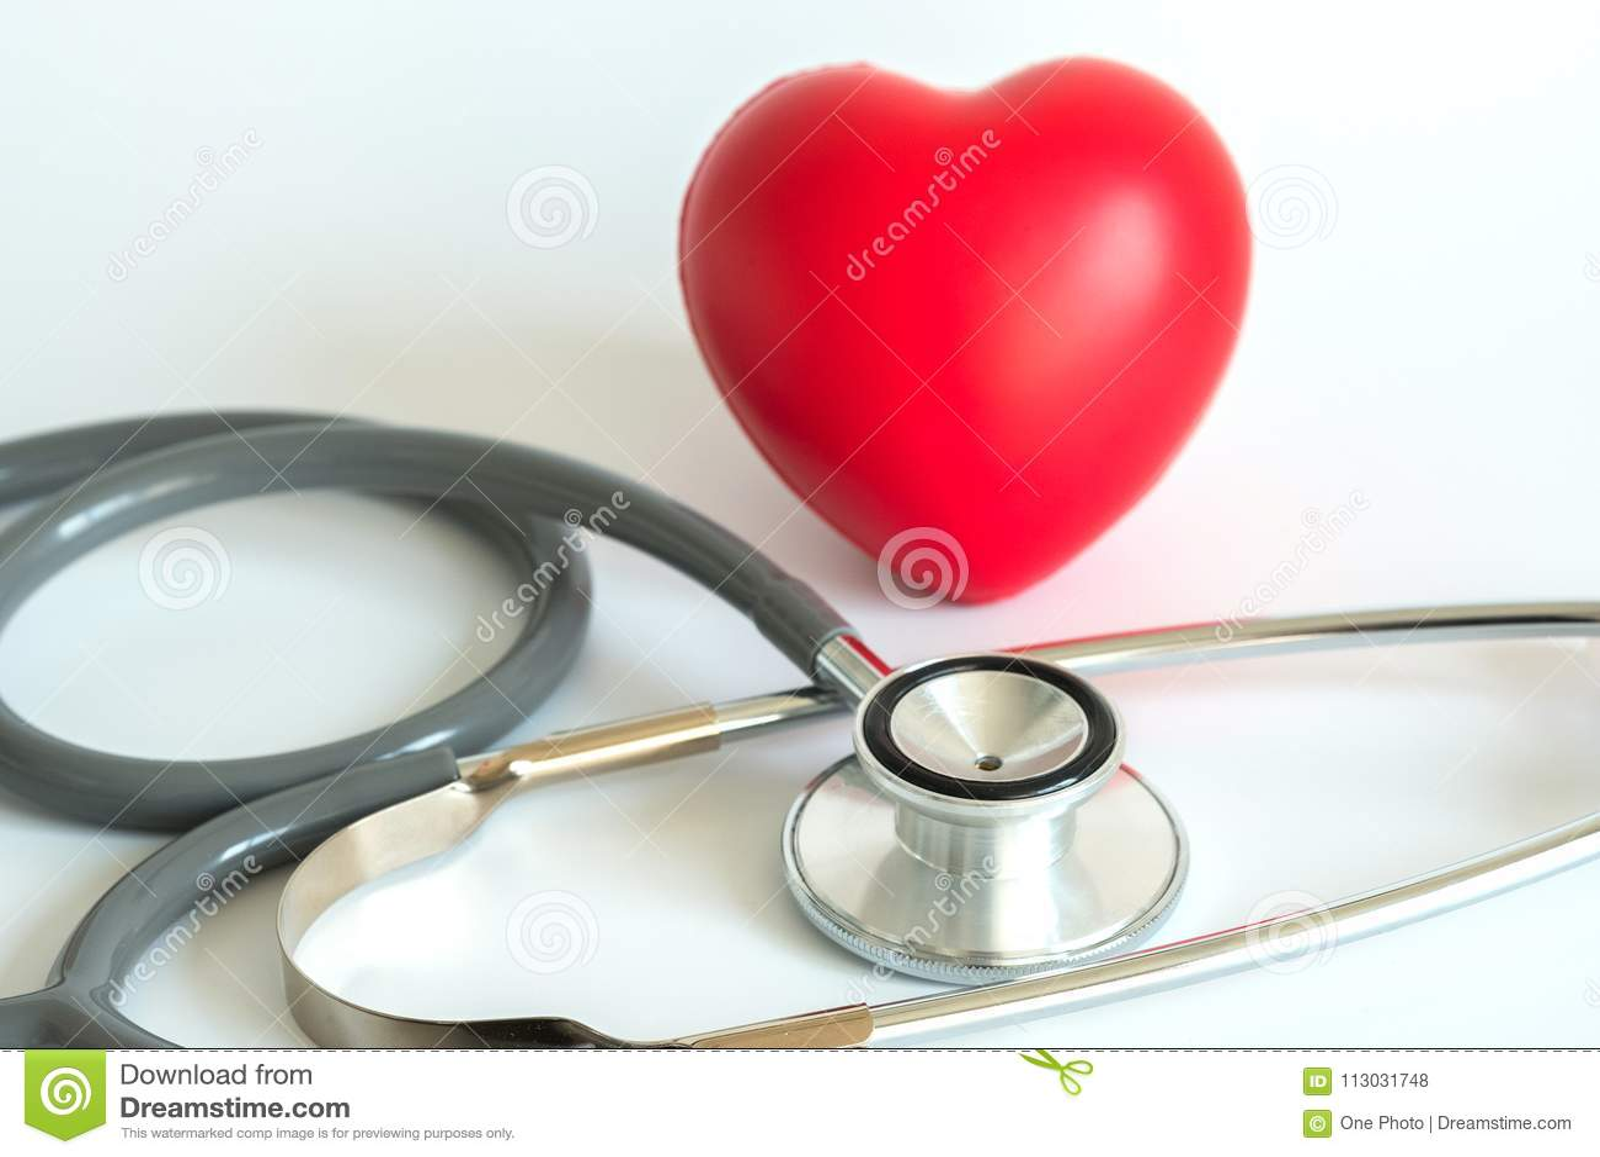 Corazón rojo y una atención sanitaria del equipamiento médico del estetoscopio médica